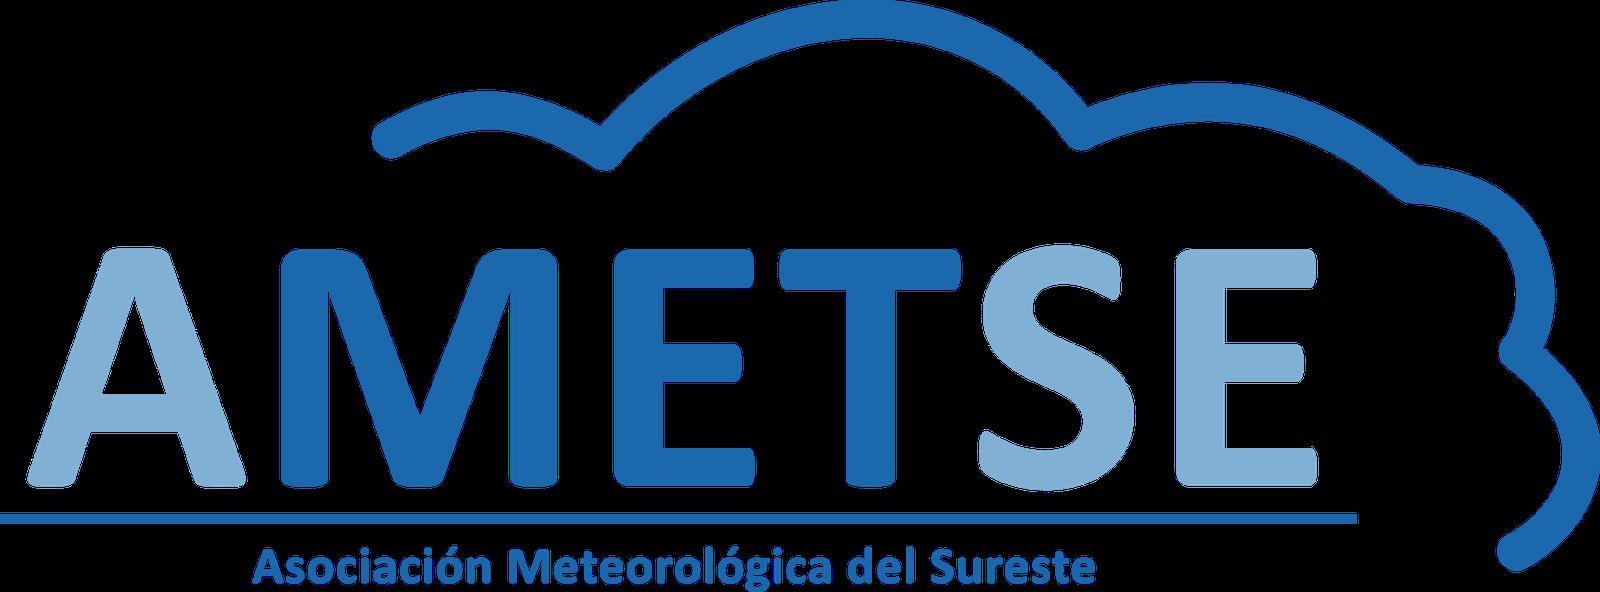 ASOCIACION METEOROLÓGICA DEL SURESTE